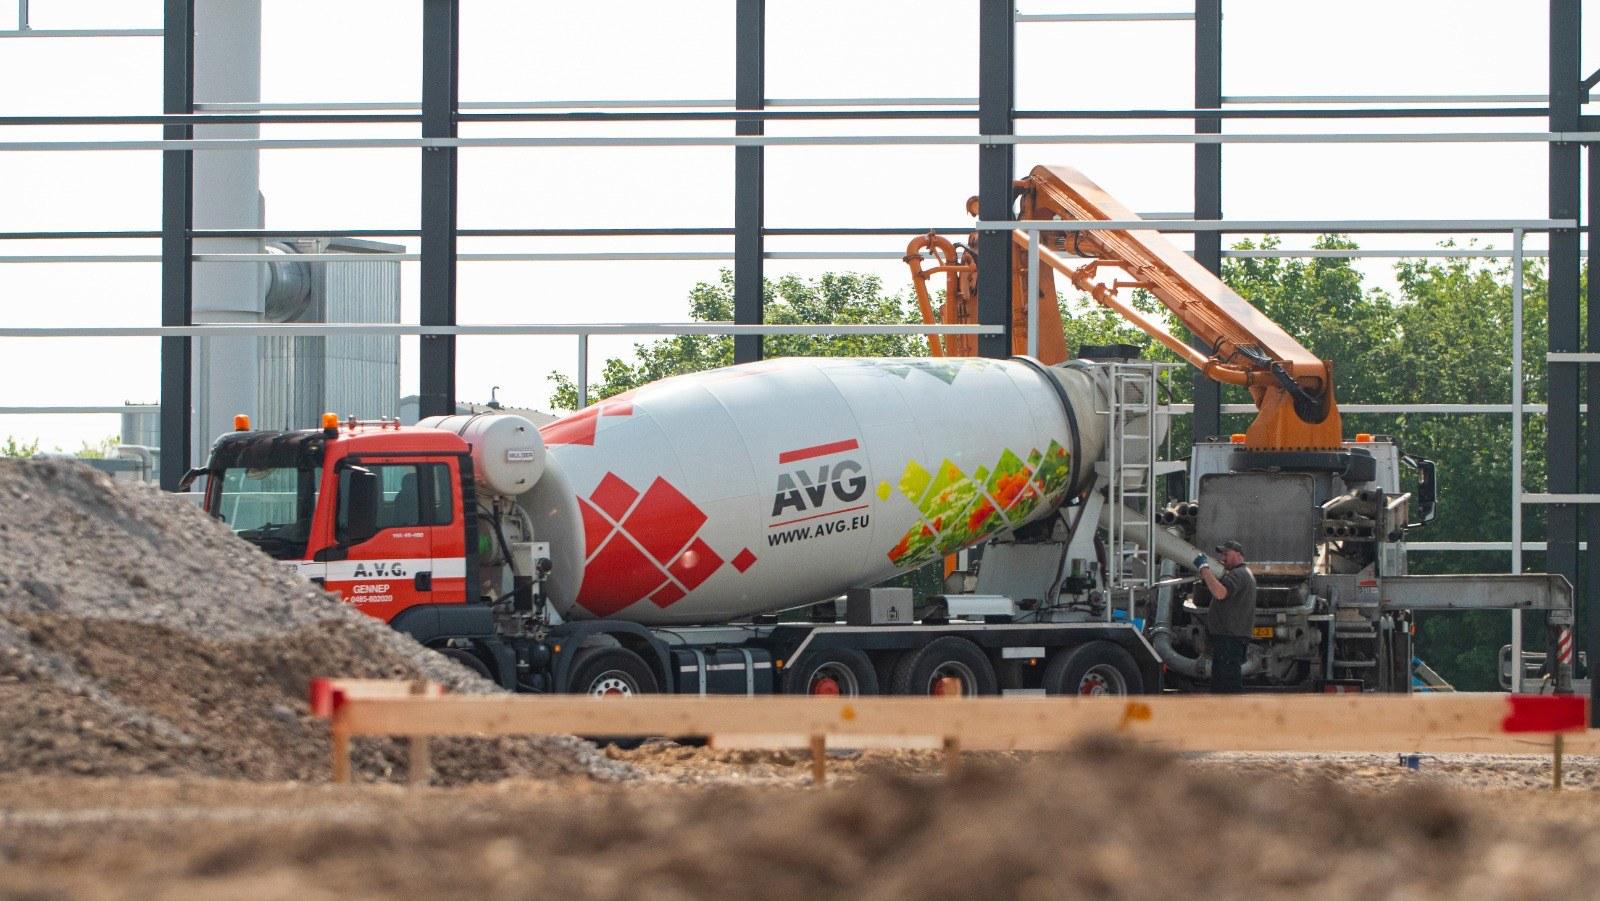 Beton (Mörtel) nötig? Betonpreis pro m3 oder Preis fuer betonieren anfragen? AVG liefert FEhS zertifizierte Betonmörtel in allen Arten, Mengen und Umweltklassen. Unsere modernen Betonwerke in den Niederlanden und in Deutschland garantieren eine breite Palette von Betonanwendungen von hoher und dauerhafter Qualität.